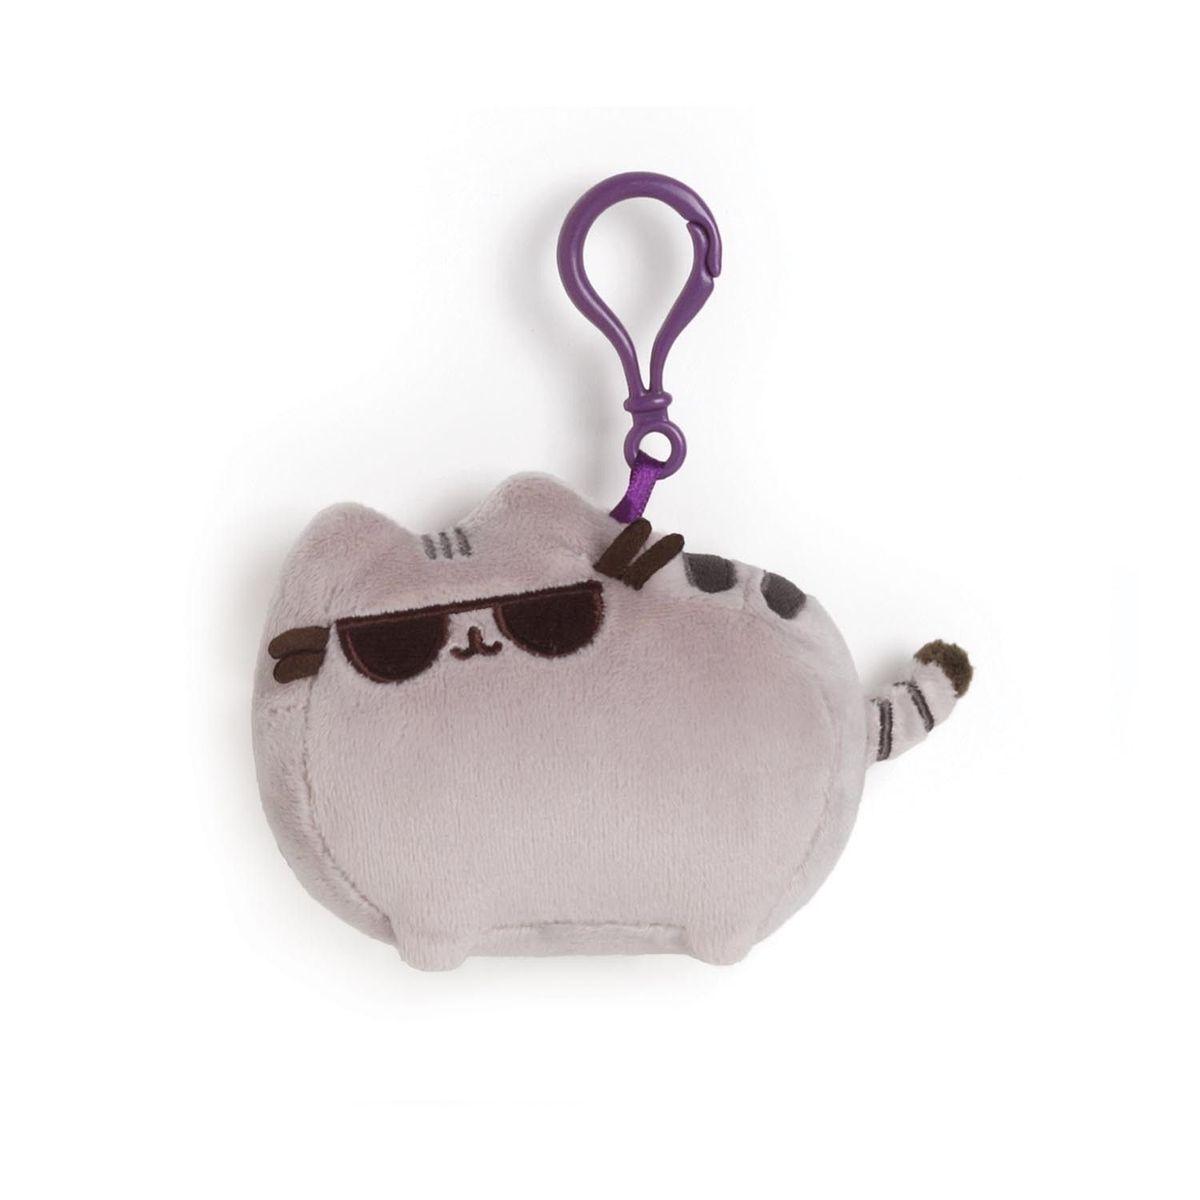 Gund Игрушка мягкая Pusheen Backpack Clip Sunglasses, 9 см4048887Милые, мягкие и безопасные, игрушки фирмы Gund отличаются реалистичным внешним видом, напоминающим настоящего питомца. Только посмотрите на эту милую мордашку, которая так приветливо смотрит на вас. Разве можно устоять перед её обаянием? Конечно нет, да и не нужно! Такая игрушка вызывает умиление не только у детей , но и у взрослых. Поэтому она станет отличным подарком не только ребёнку, но и друзьям!